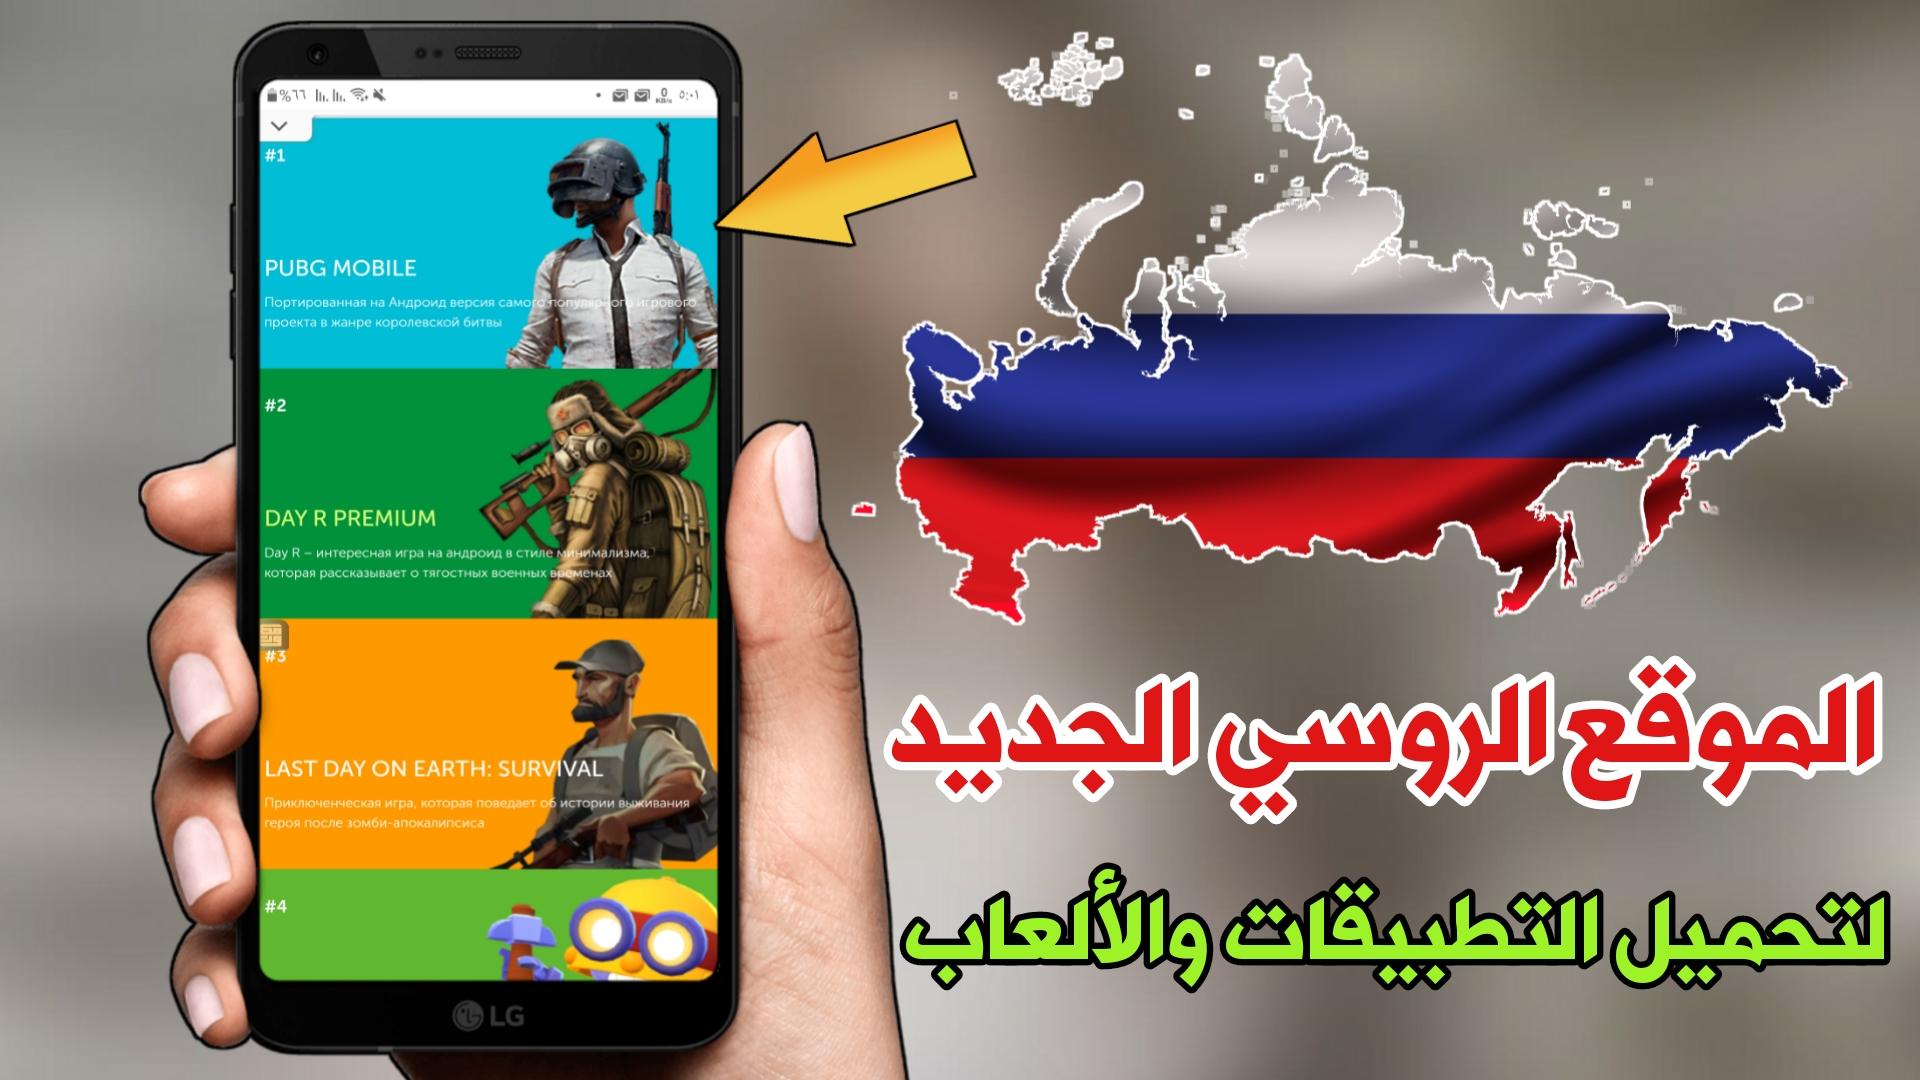 الموقع الروسي الجديد لتحميل التطبيقات والألعاب المدفوعة مجانا